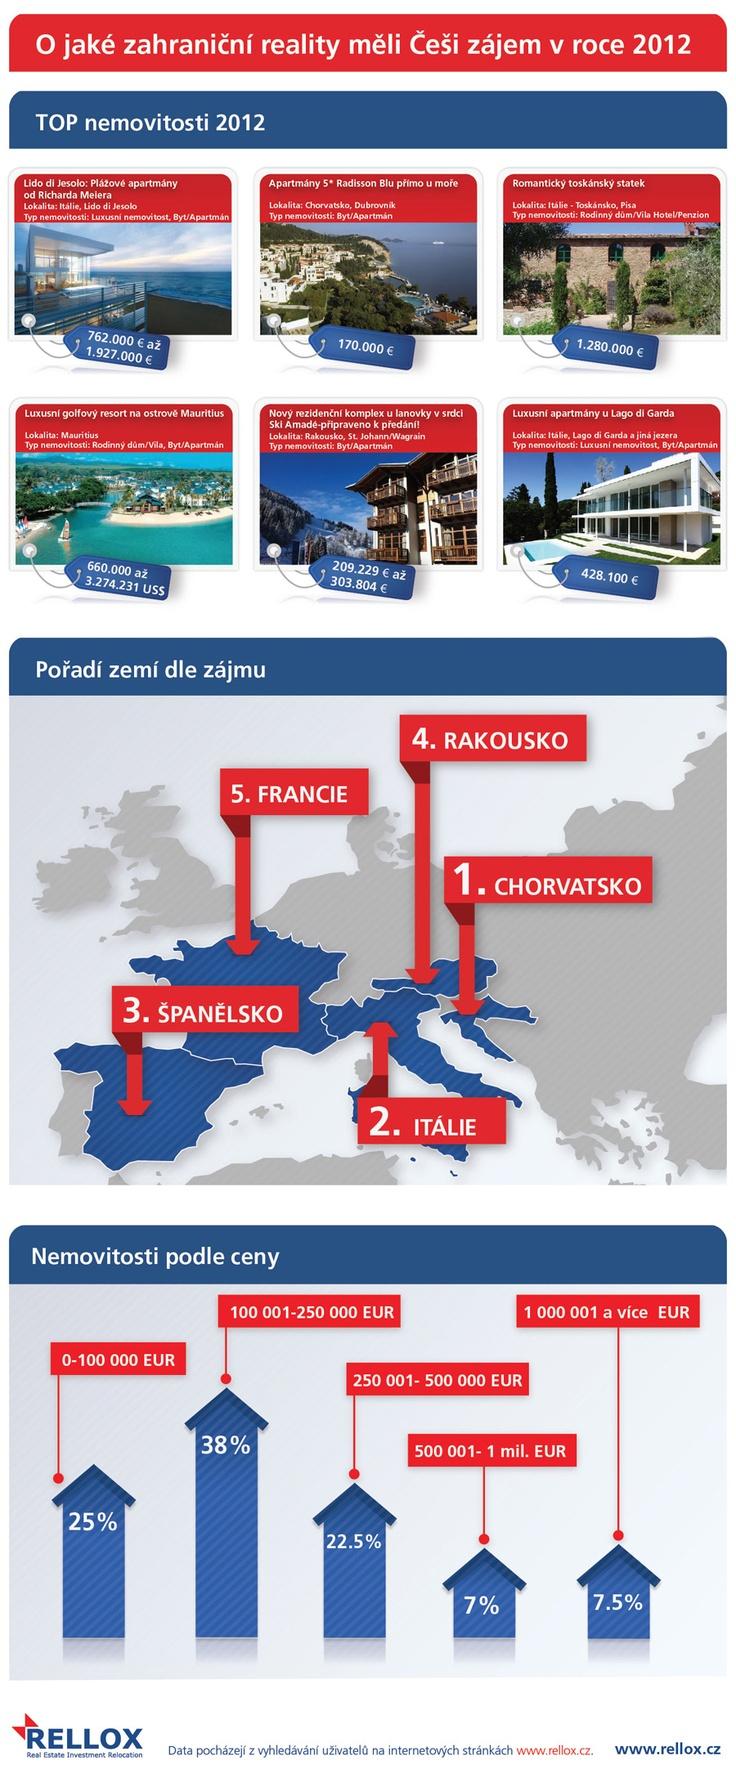 O jaké zahraniční reality měli Češi zájem v roce 2012